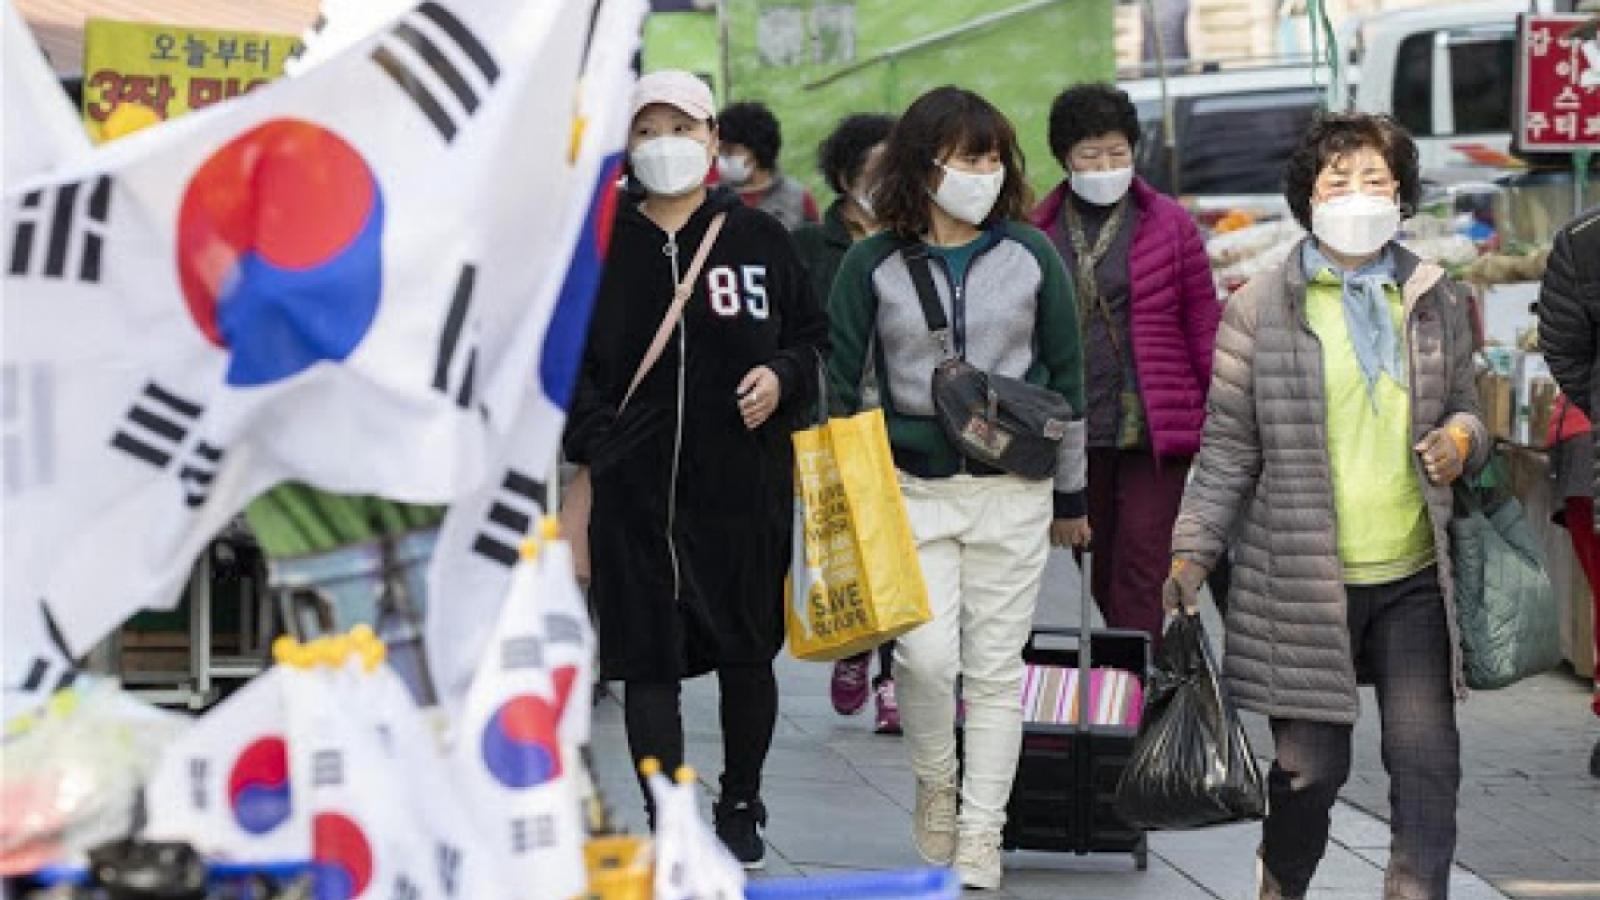 Hàn Quốc phạt 90 USD đối với cá nhân không đeo khẩu trang